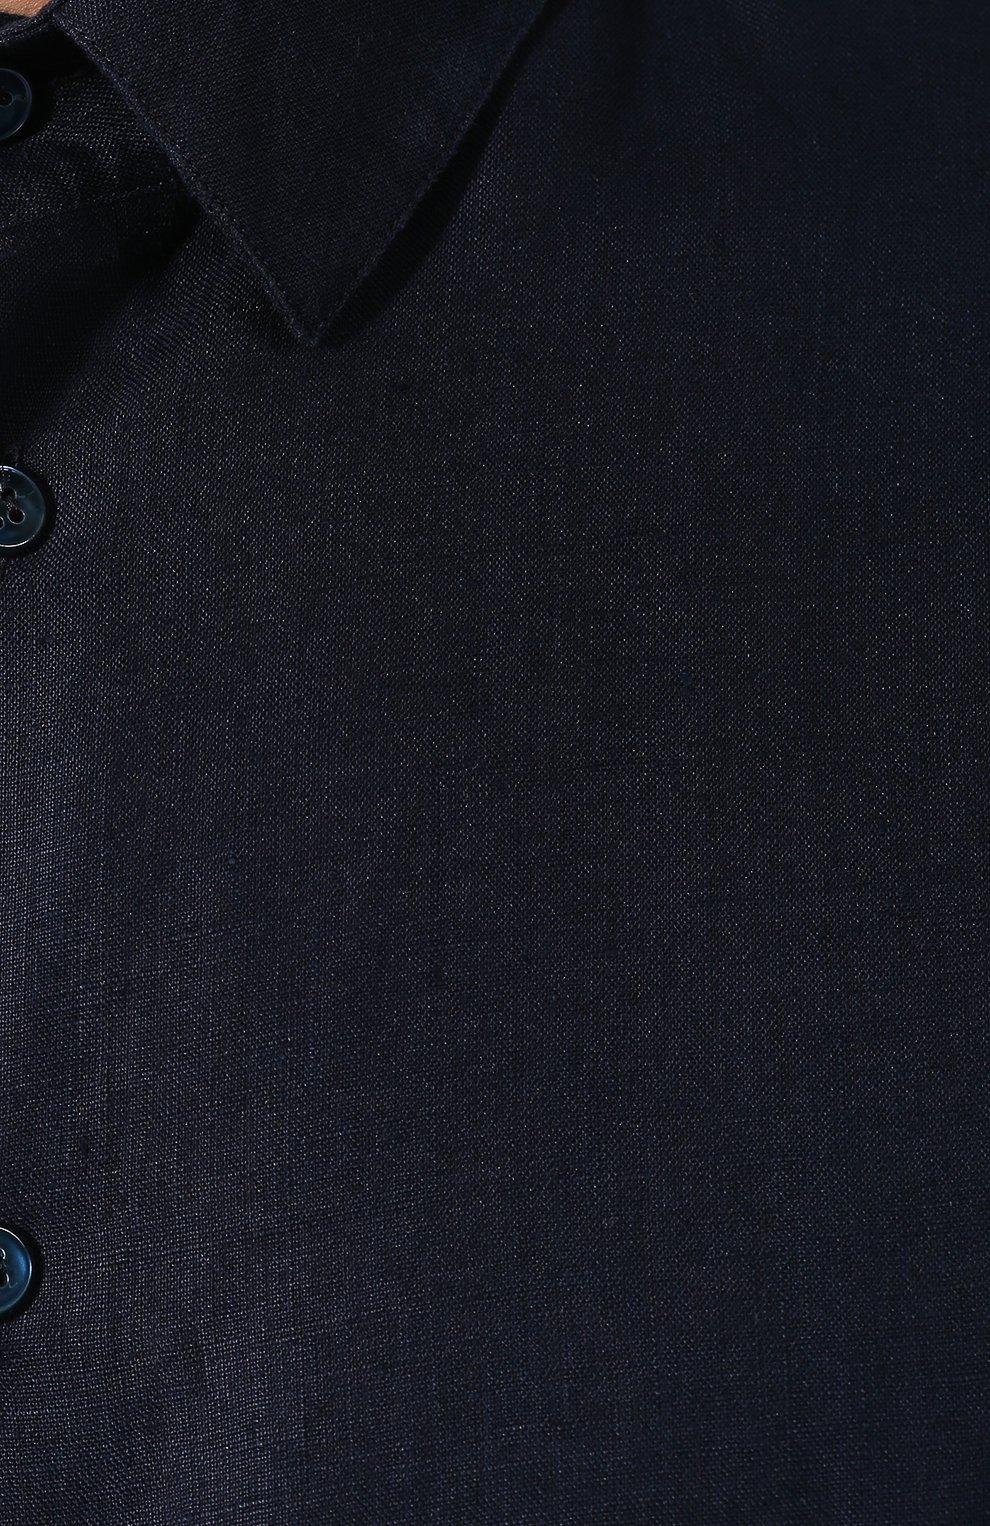 Мужская льняная рубашка GIORGIO ARMANI синего цвета, арт. 8WGCCZ97/TZ256   Фото 5